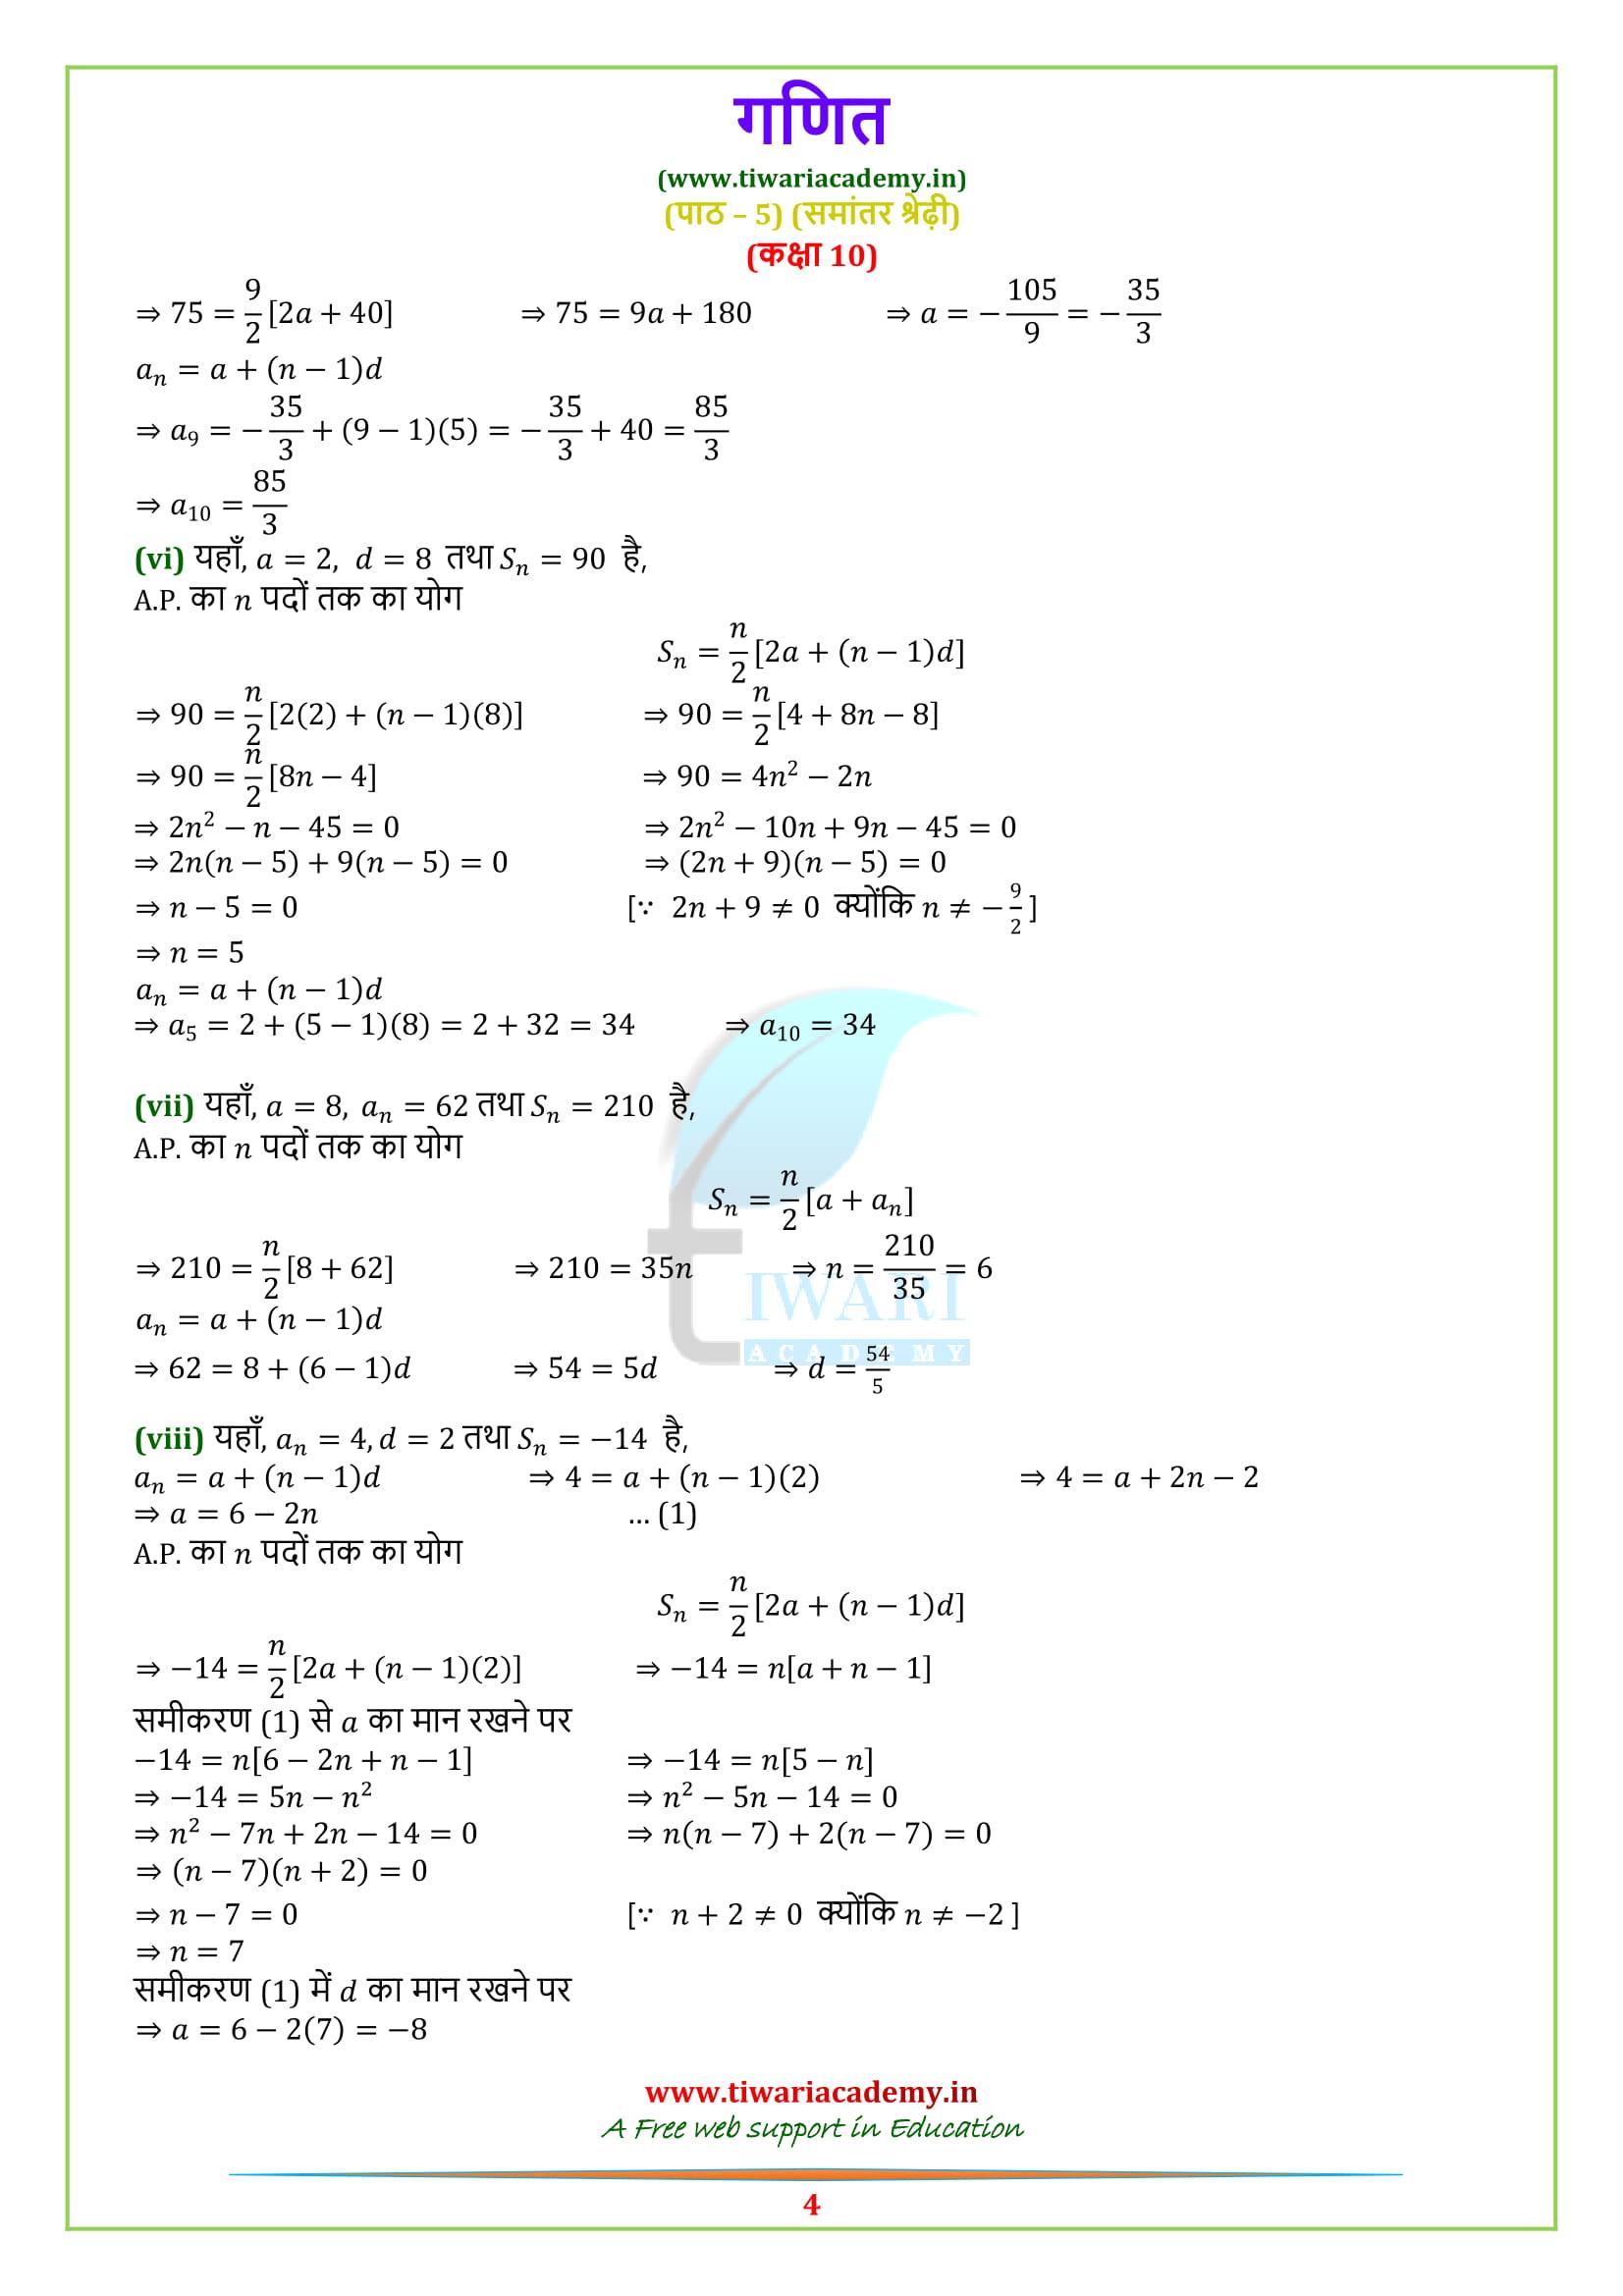 prashnavali 5.3 ke samadhan class 10 maths